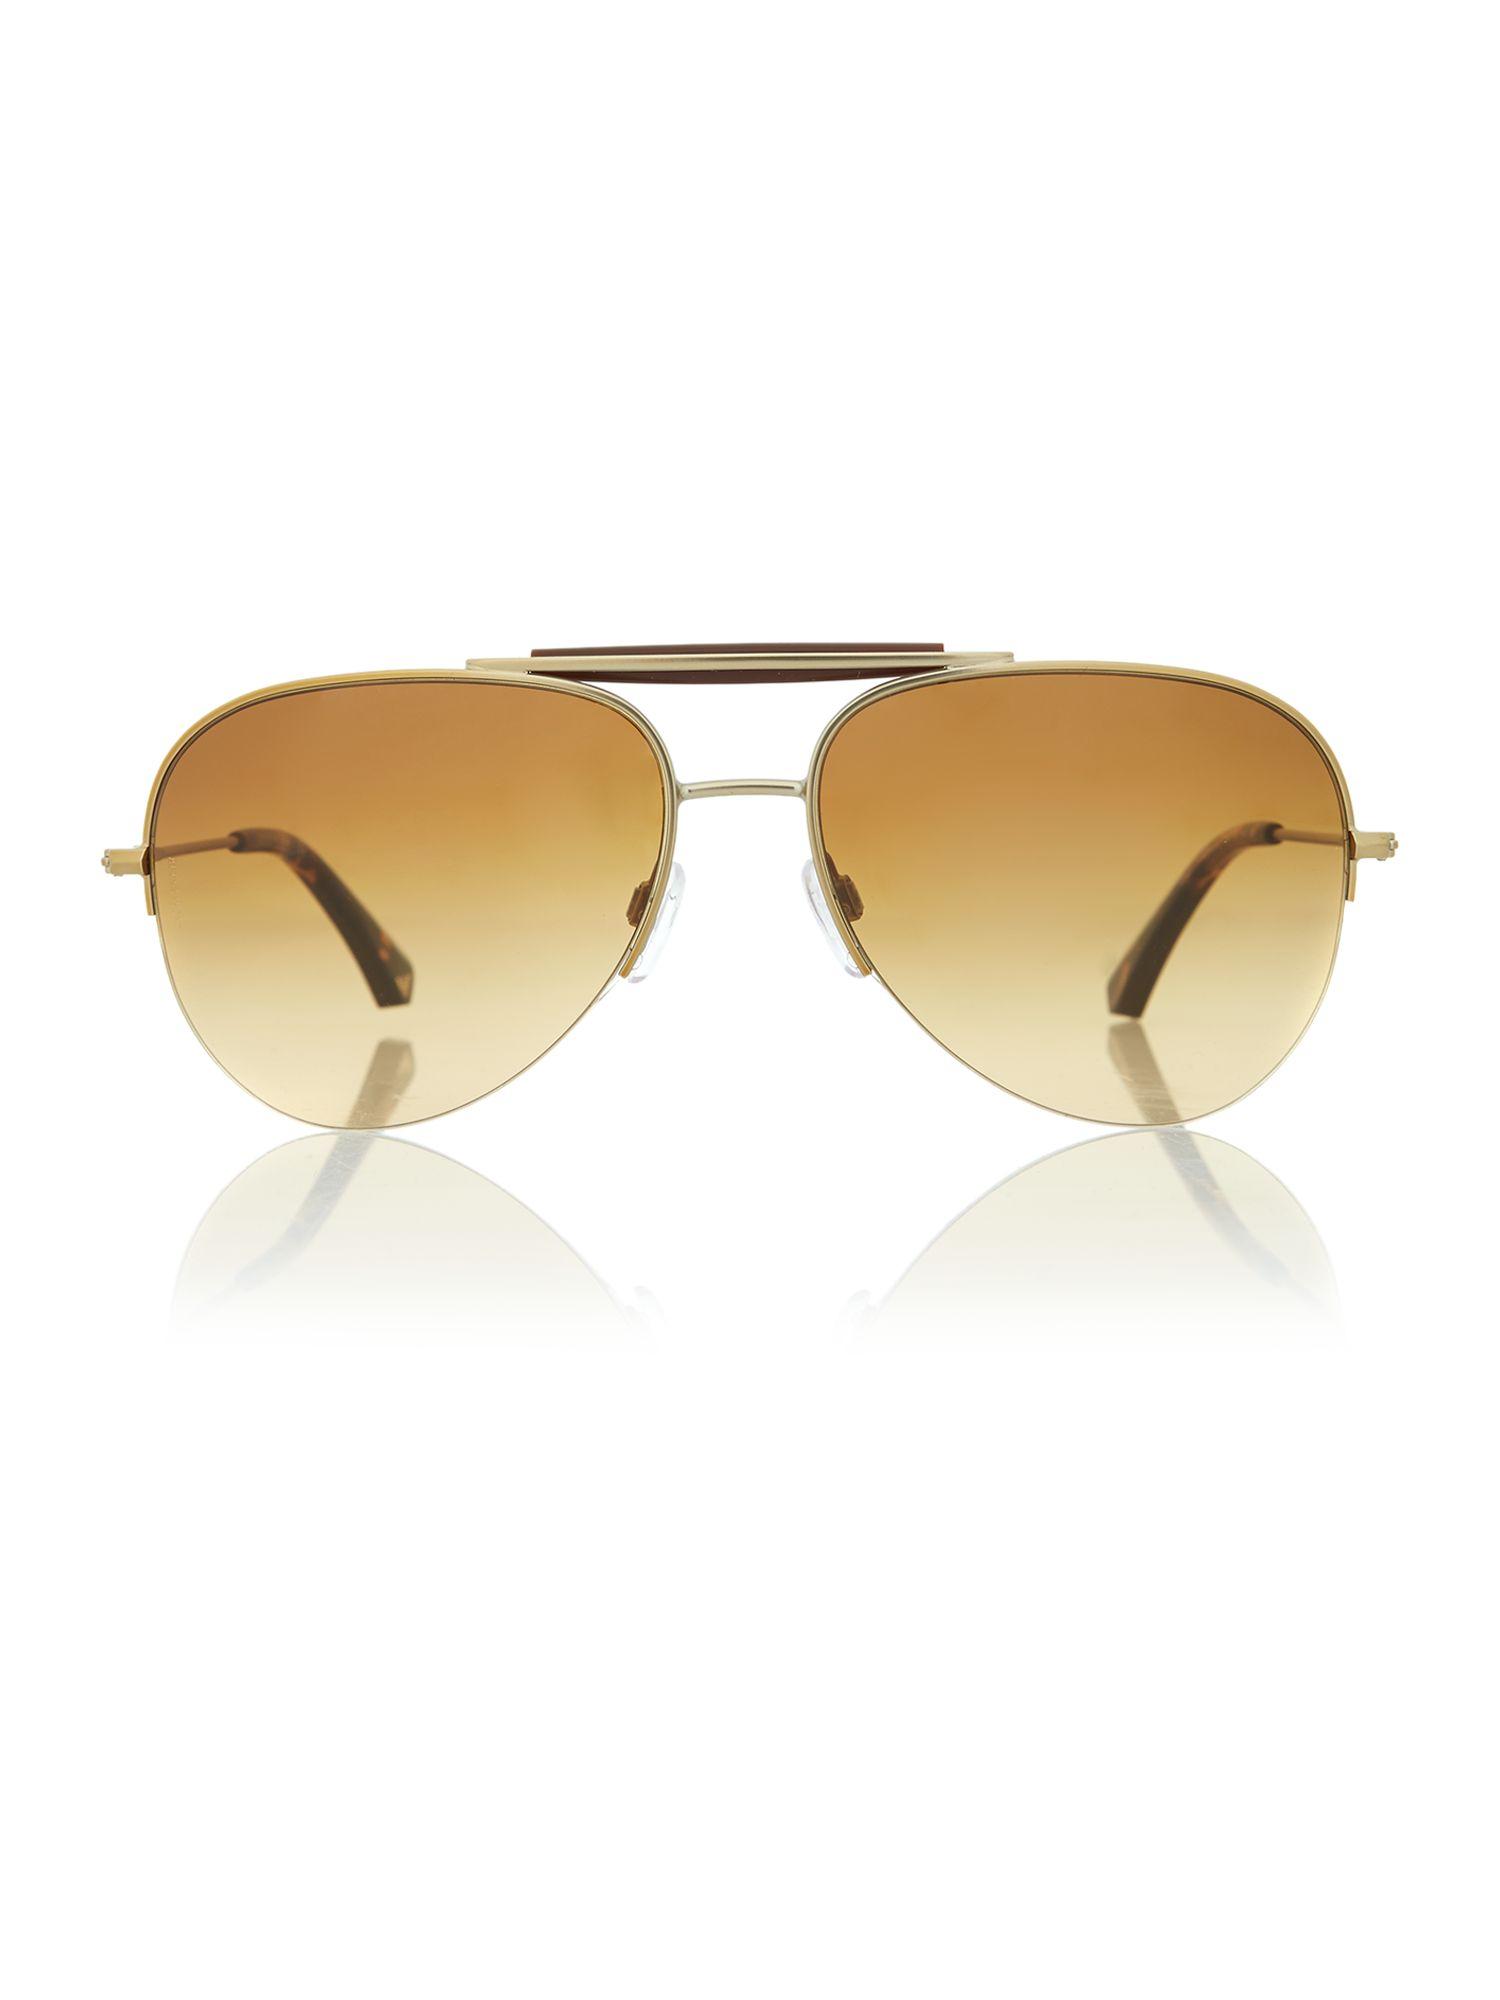 Armani Gold Frame Sunglasses : Emporio Armani Matte Aviator Sunglasses in Gold for Men Lyst